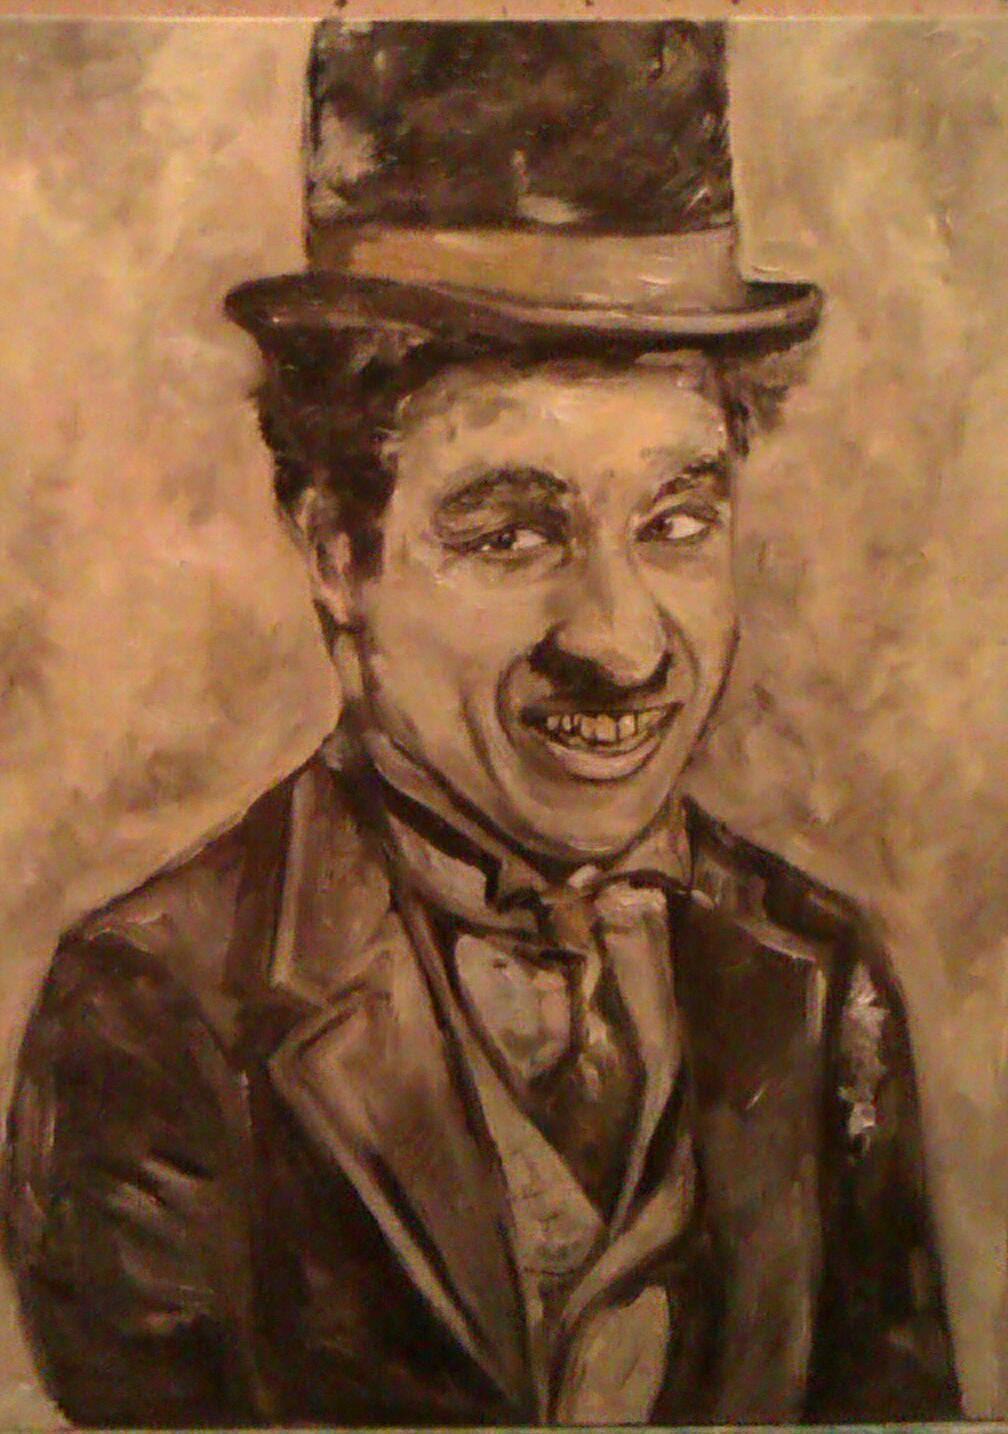 Чаплин, холст, масло, 40*30, 2014 г